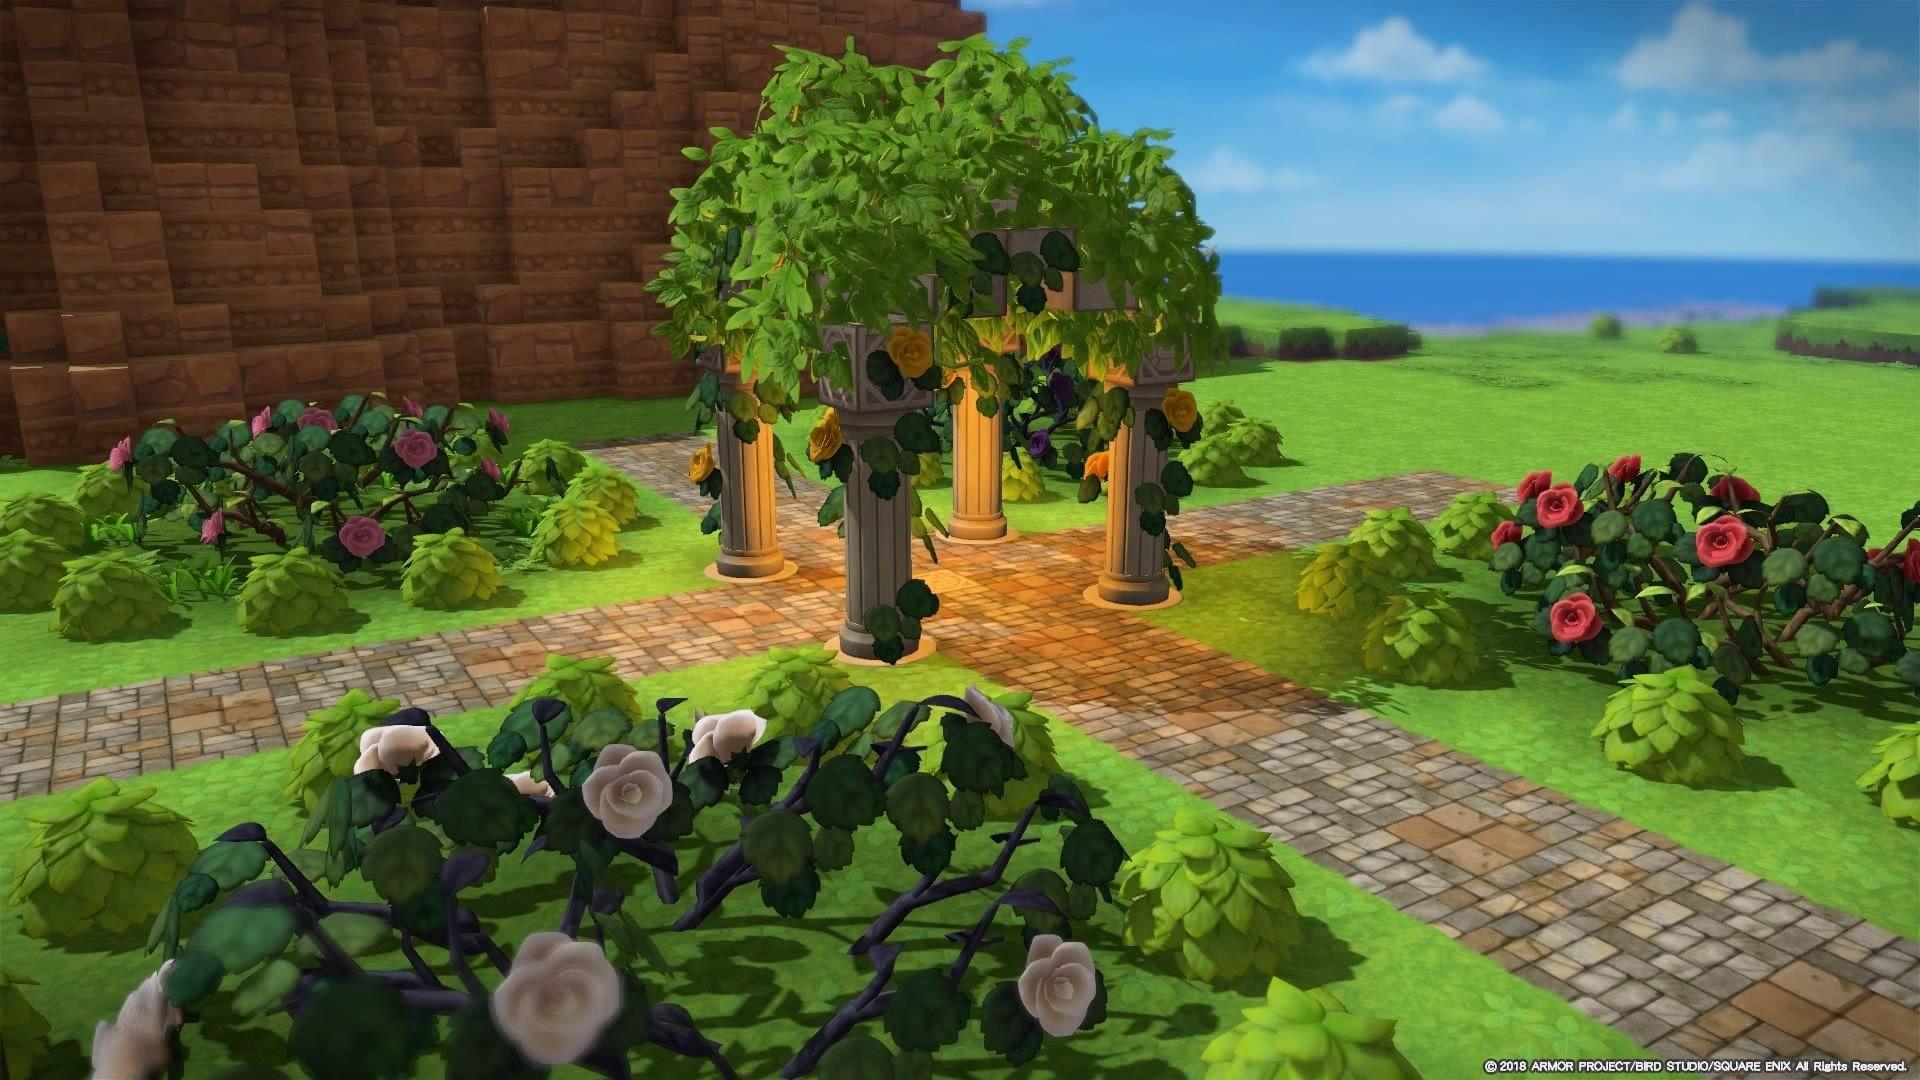 ビルダーズギャラリー ドラゴンクエストビルダーズ2 Square Enix シドー 建築 ビルダーズ